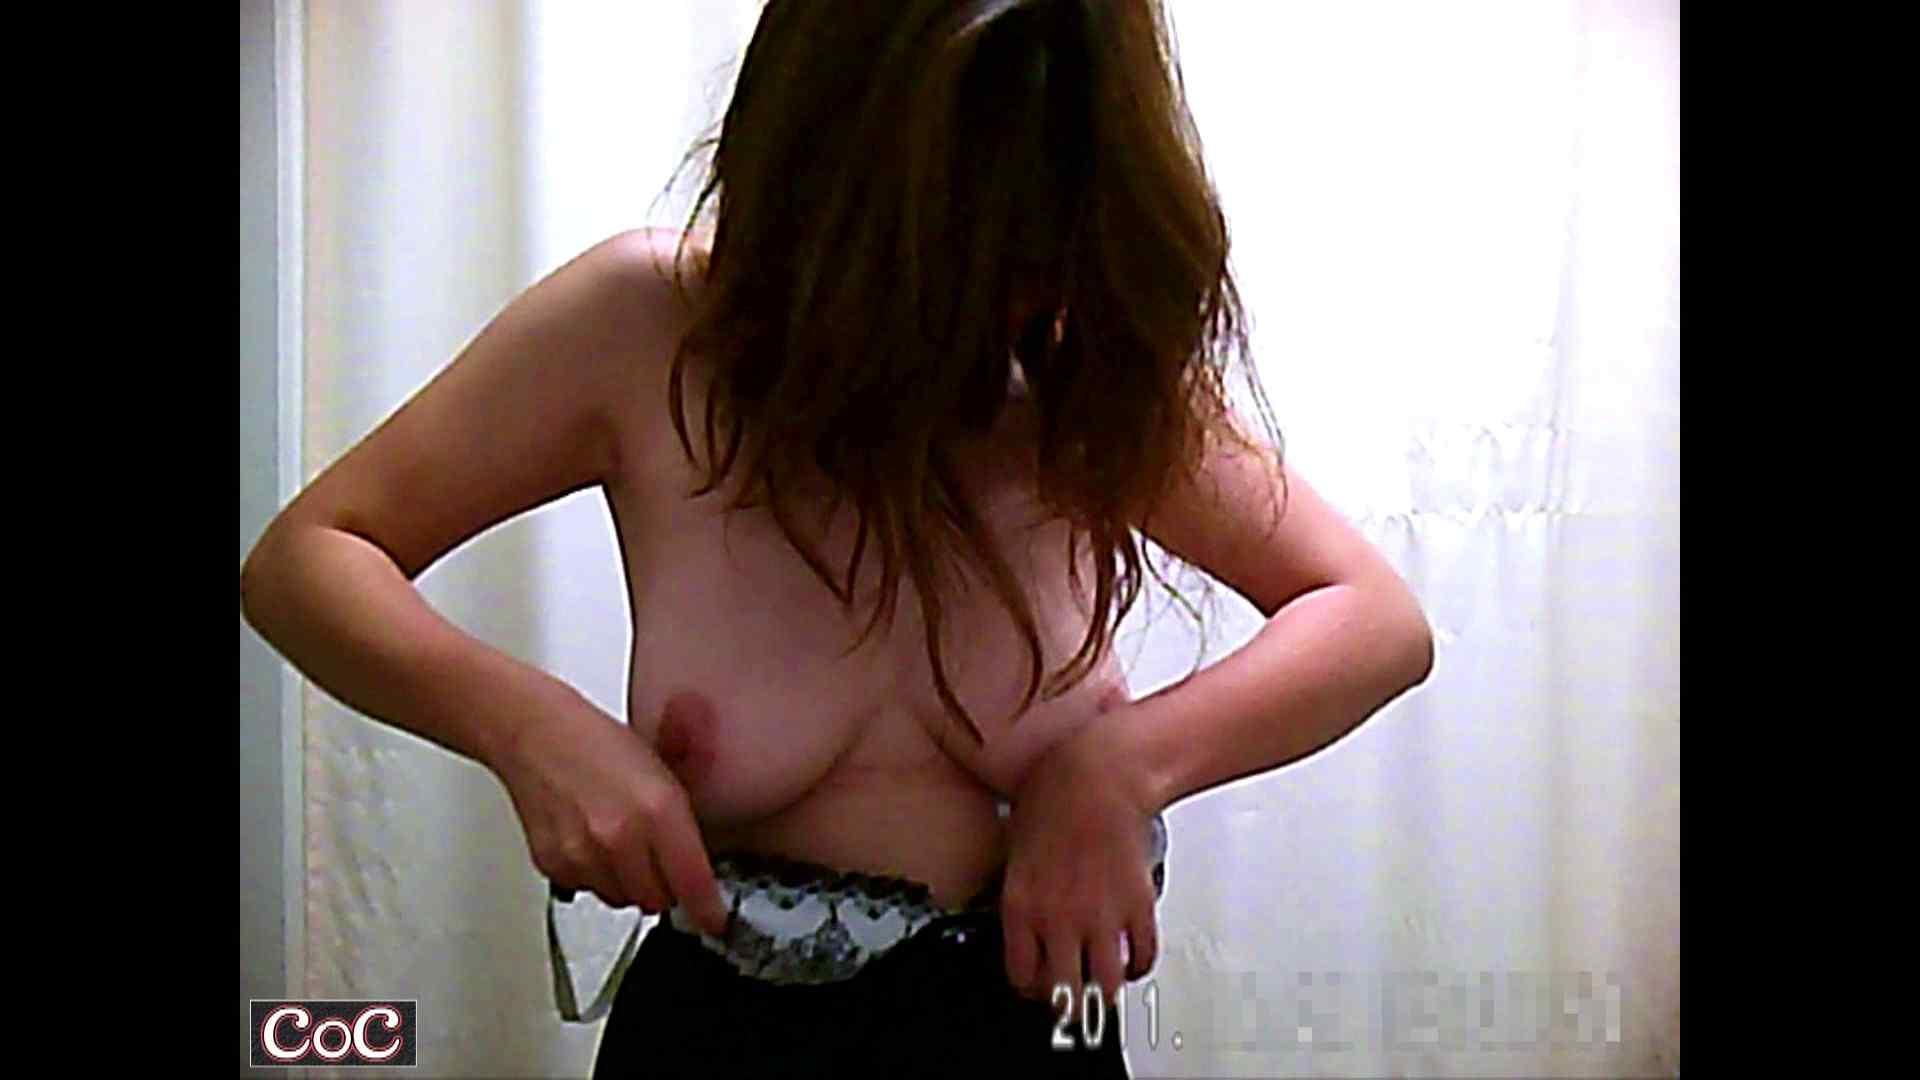 病院おもいっきり着替え! vol.75 巨乳 隠し撮りオマンコ動画紹介 95PIX 25